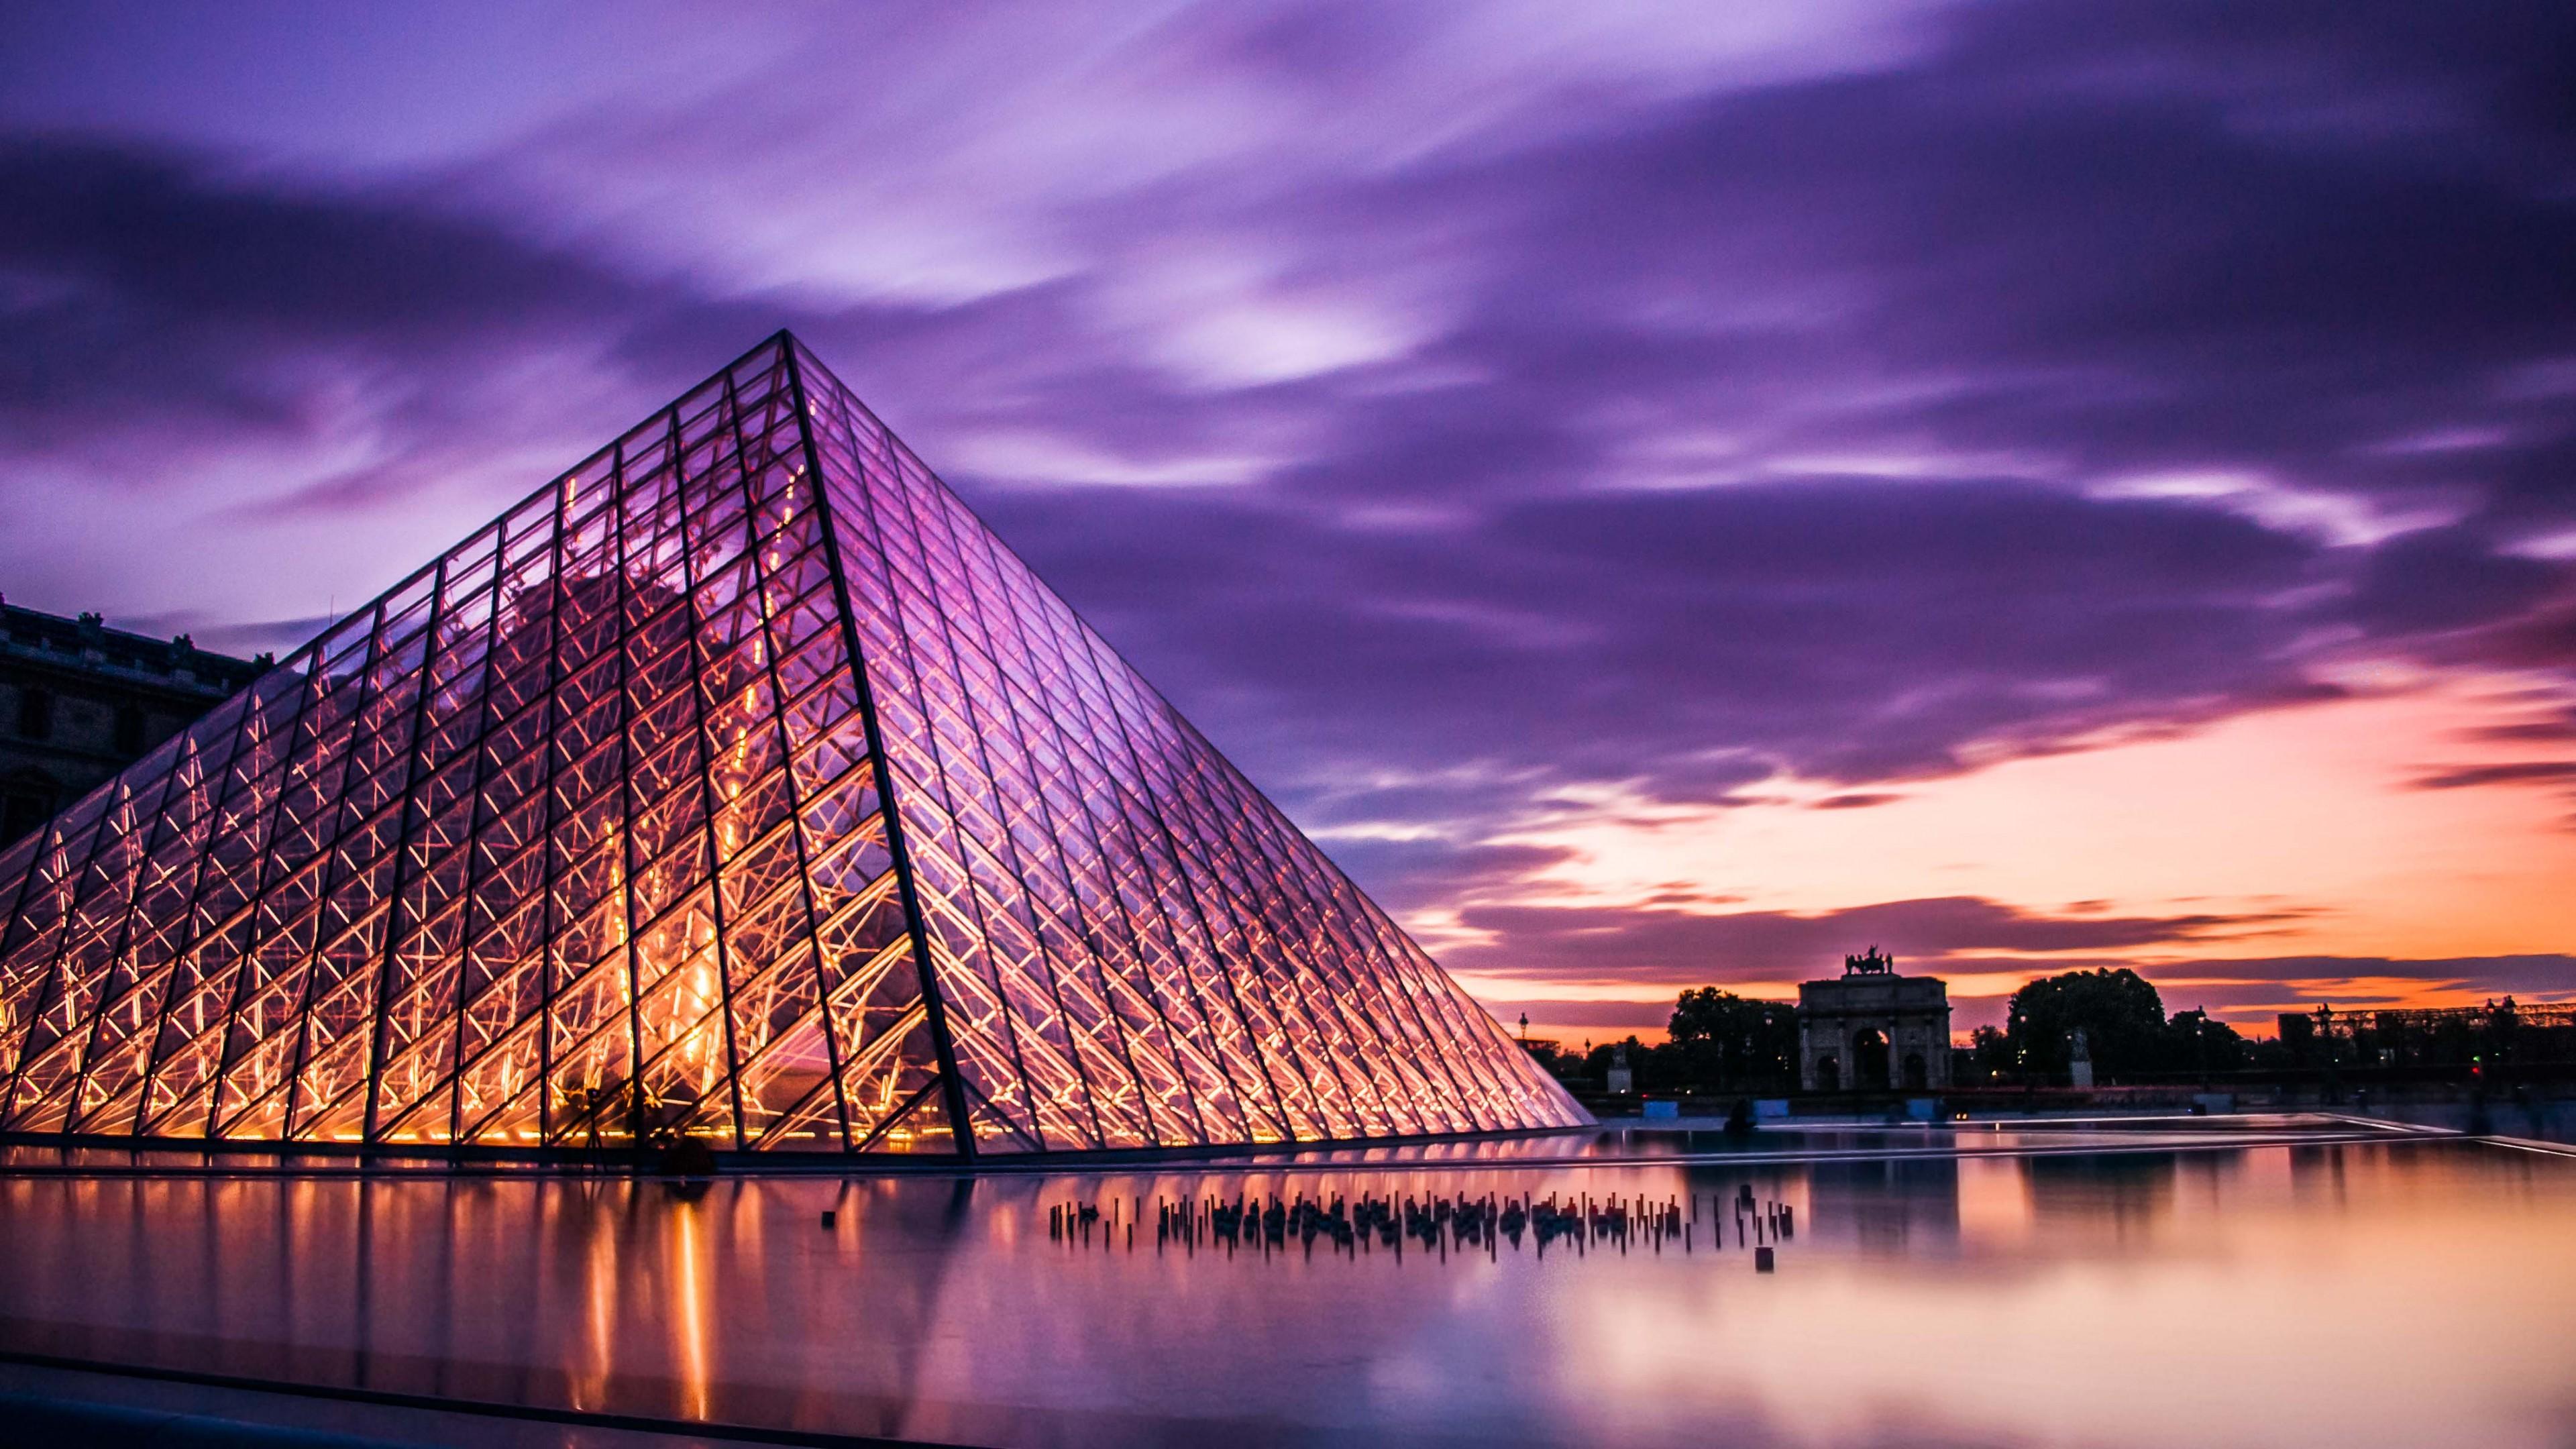 louvre-3840x2160-paris-france-travel-tourism-6402.jpg